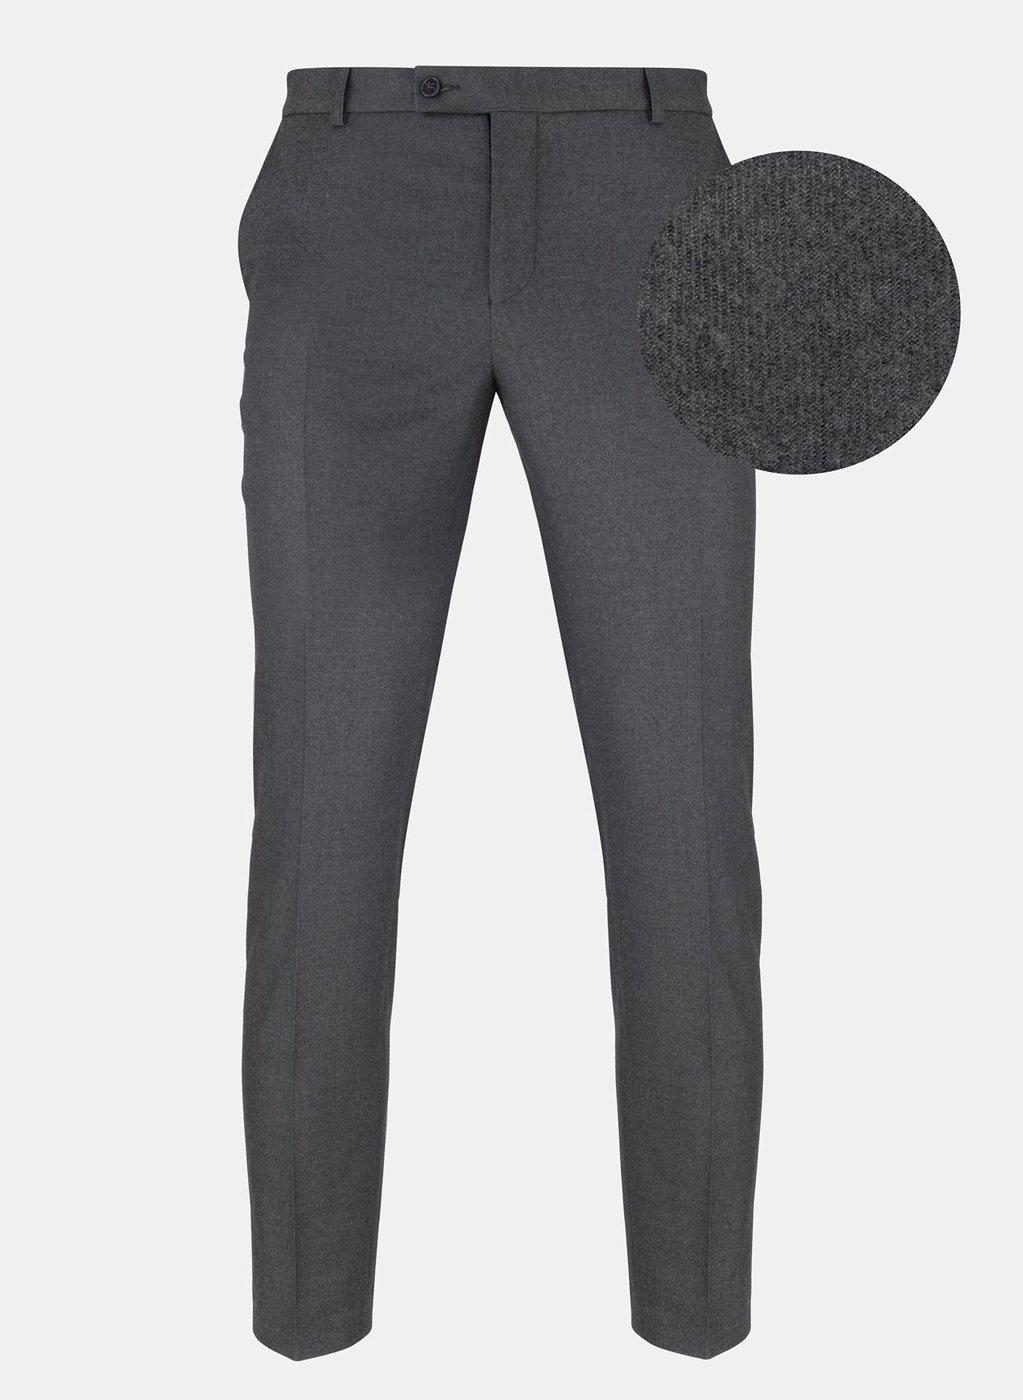 Spodnie męskie garniturowe ADAMO PLM-6G-189-S